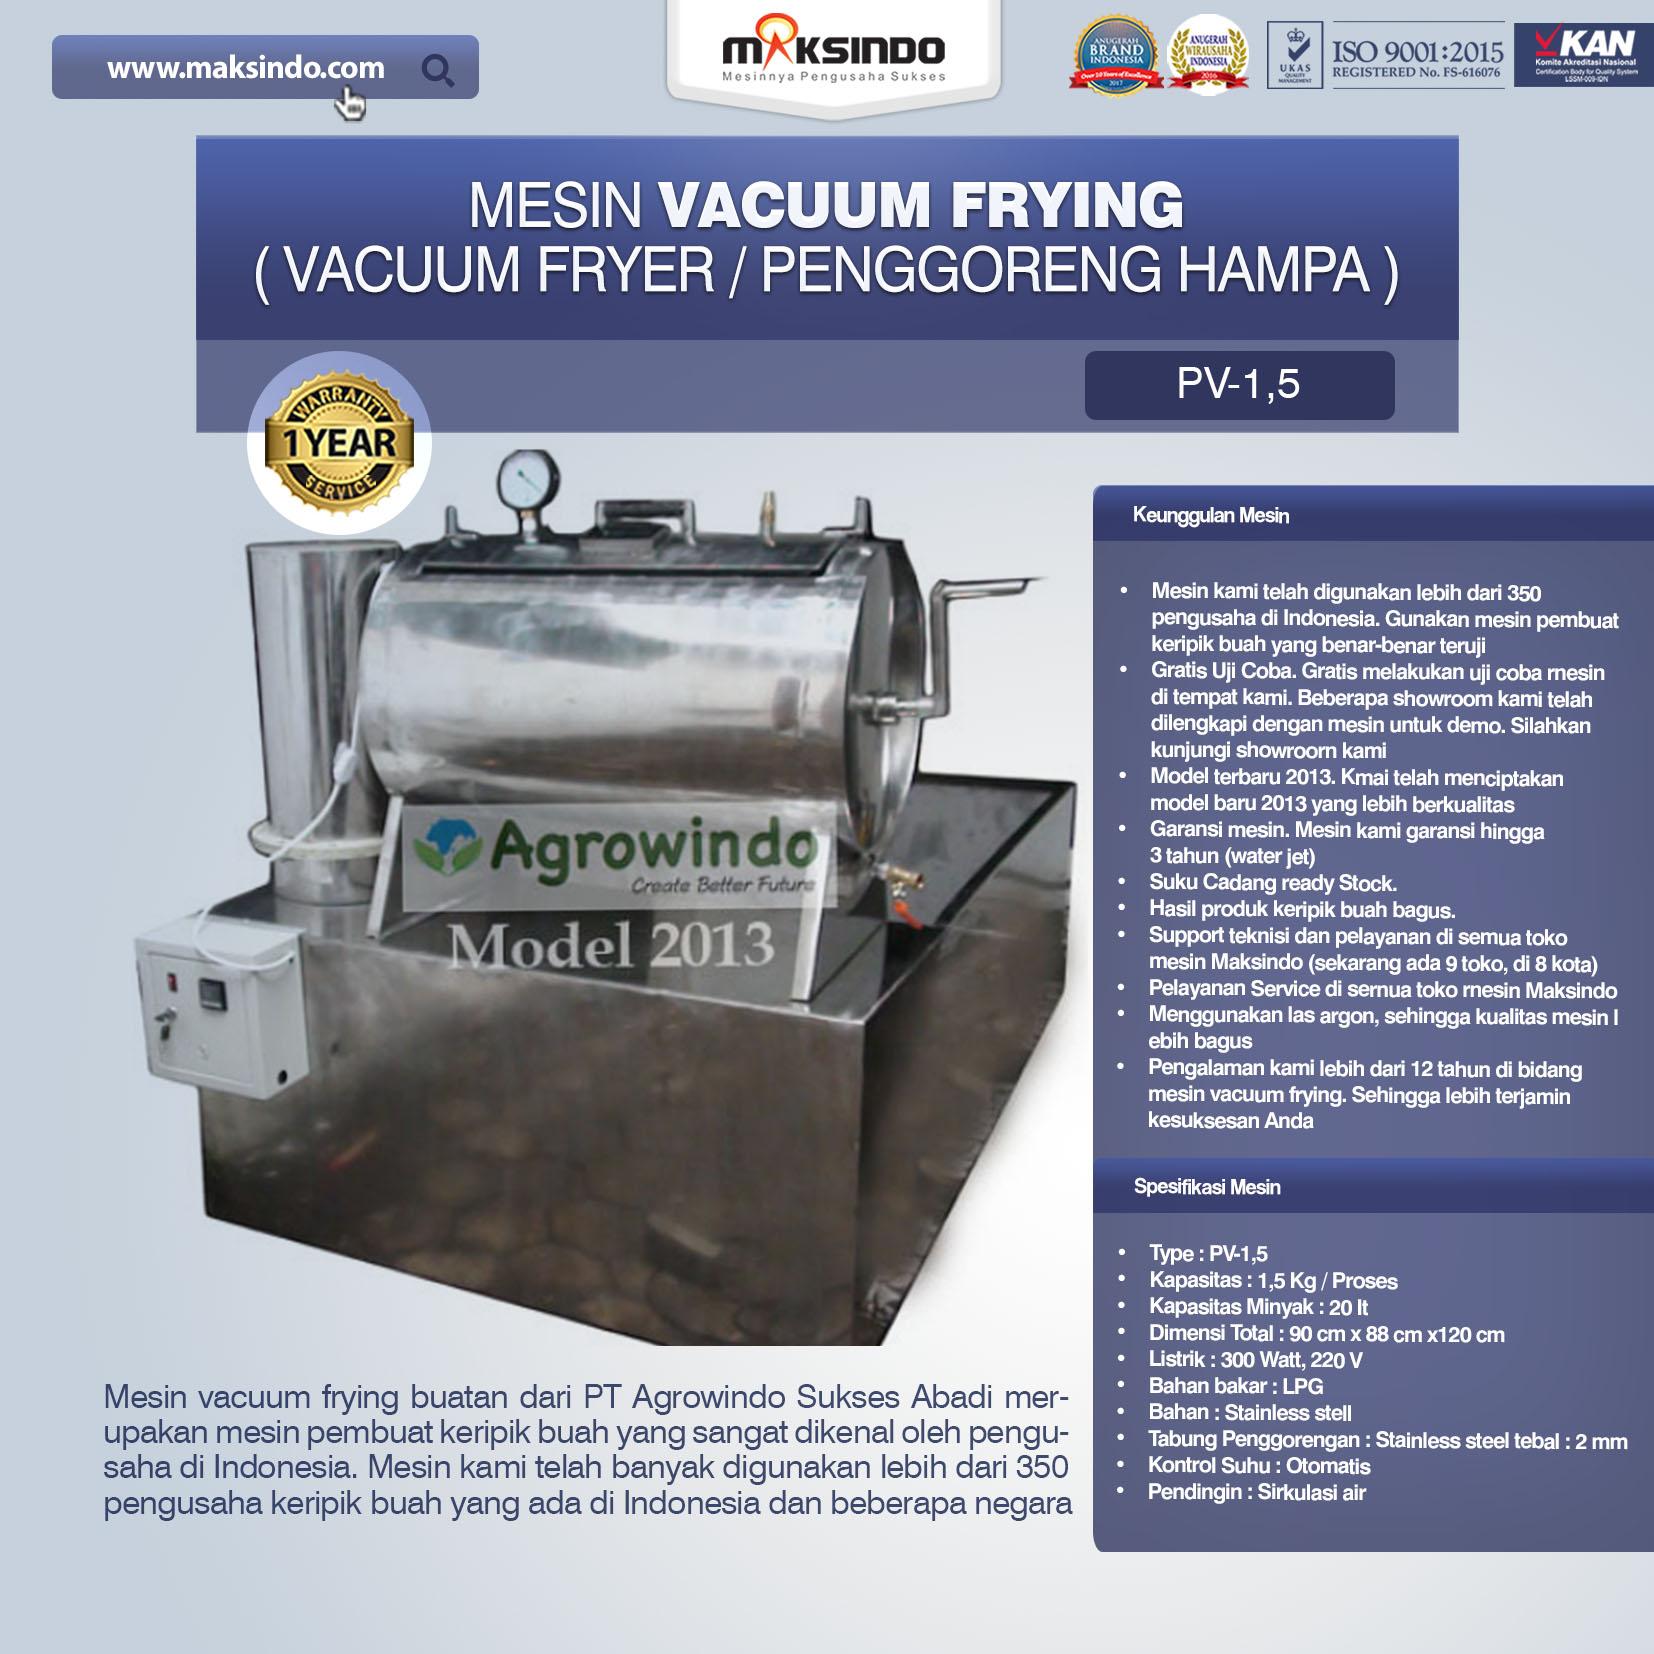 Jual Mesin Vacuum Frying Kapasitas 1.5 kg di Medan